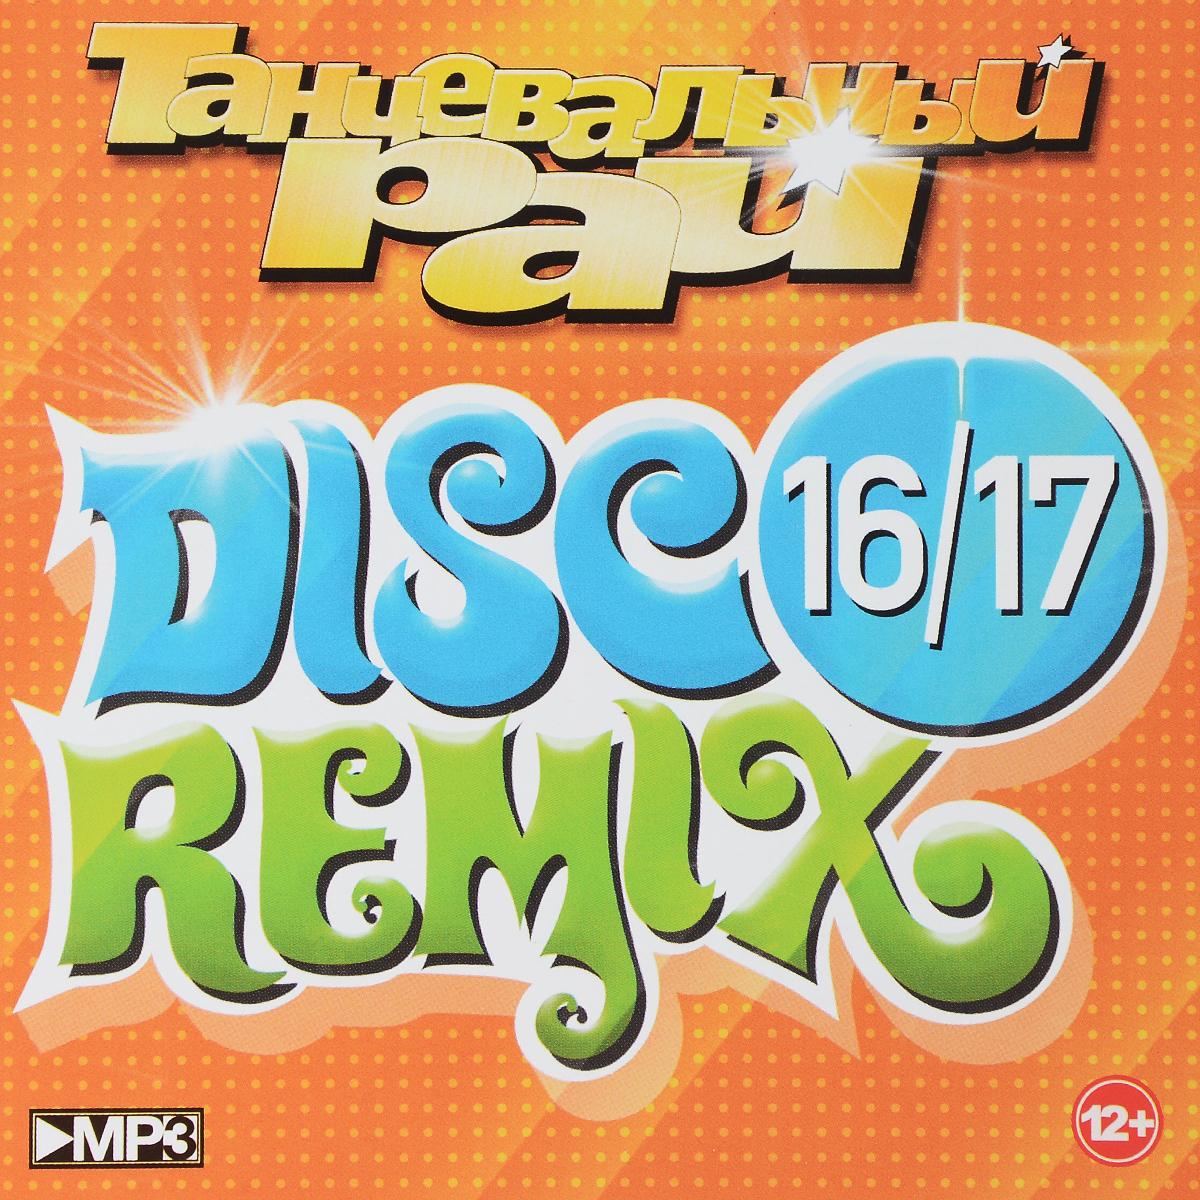 Фото - Klaas,Рэй Нокс,Scotty,Norda Танцевальный Рай. Disco Remix 16/17 (mp3) klaas рэй нокс scotty norda танцевальный рай disco remix 16 17 mp3